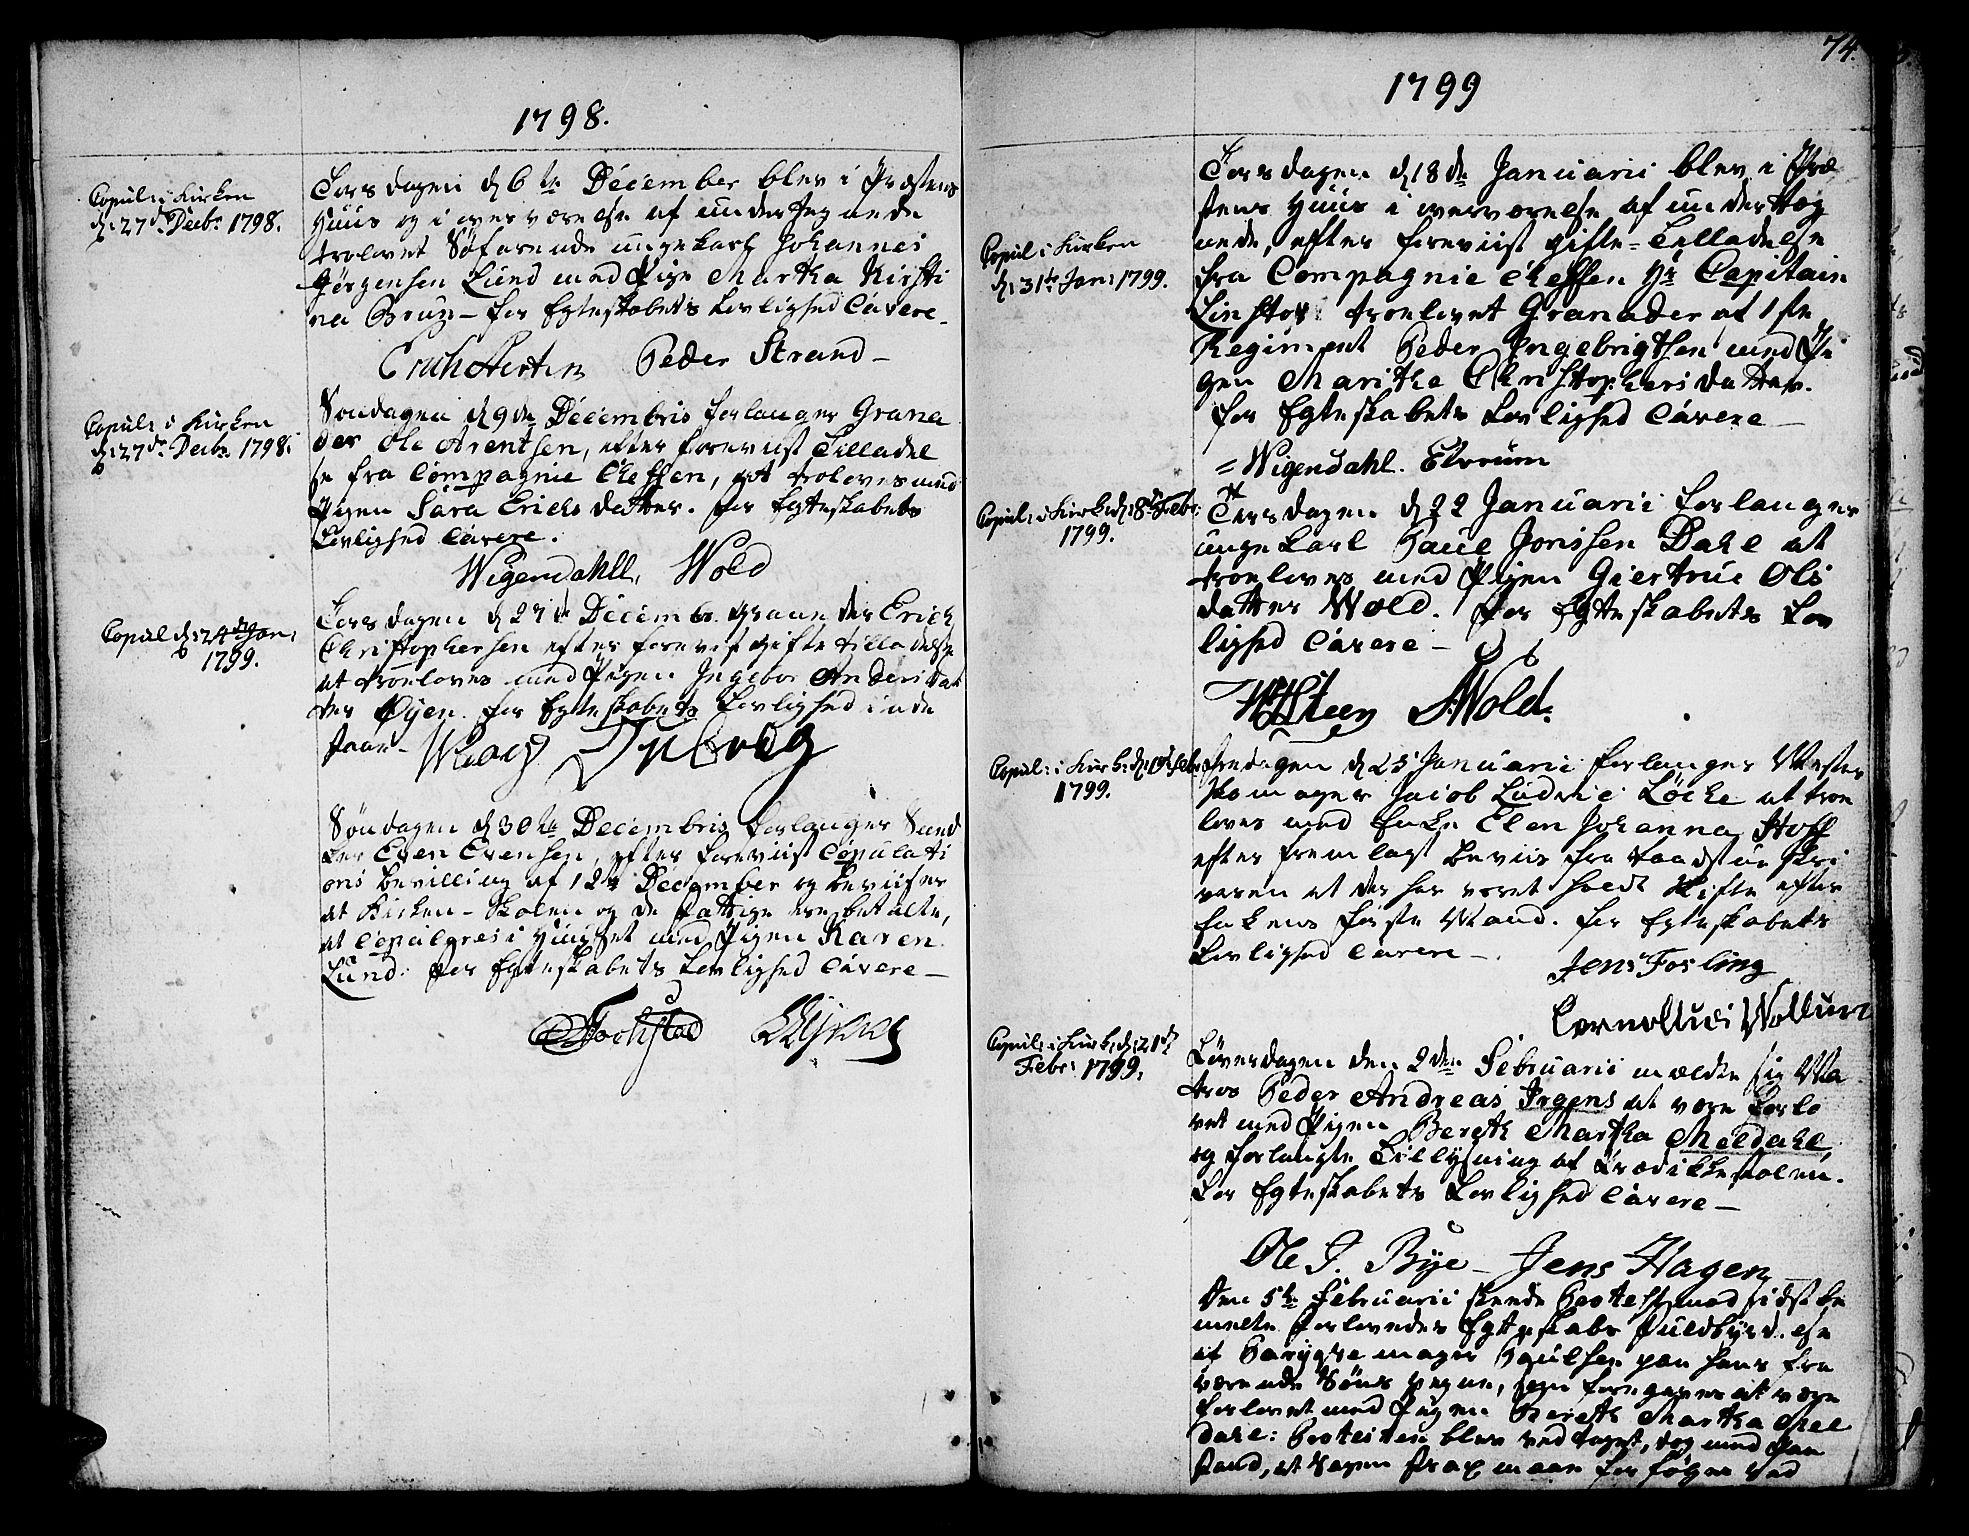 SAT, Ministerialprotokoller, klokkerbøker og fødselsregistre - Sør-Trøndelag, 601/L0041: Ministerialbok nr. 601A09, 1784-1801, s. 74